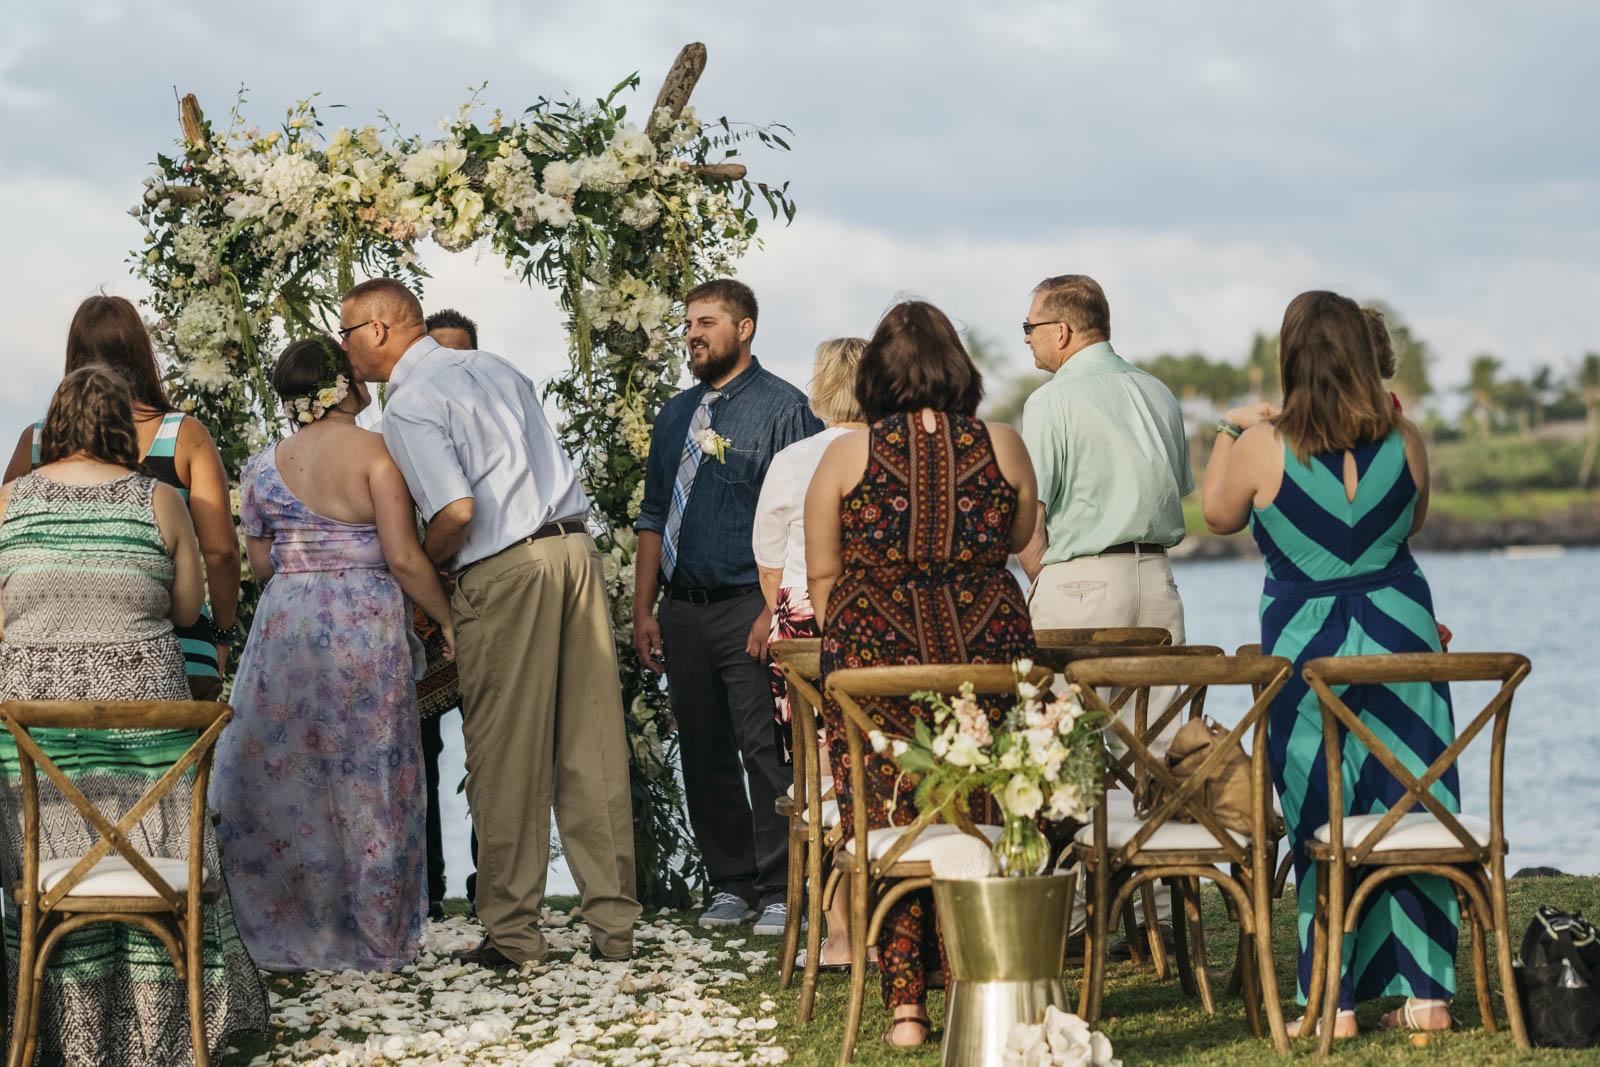 Outdoor Hawaiian wedding ceremony in Kailua-Kuna, Hawaii.